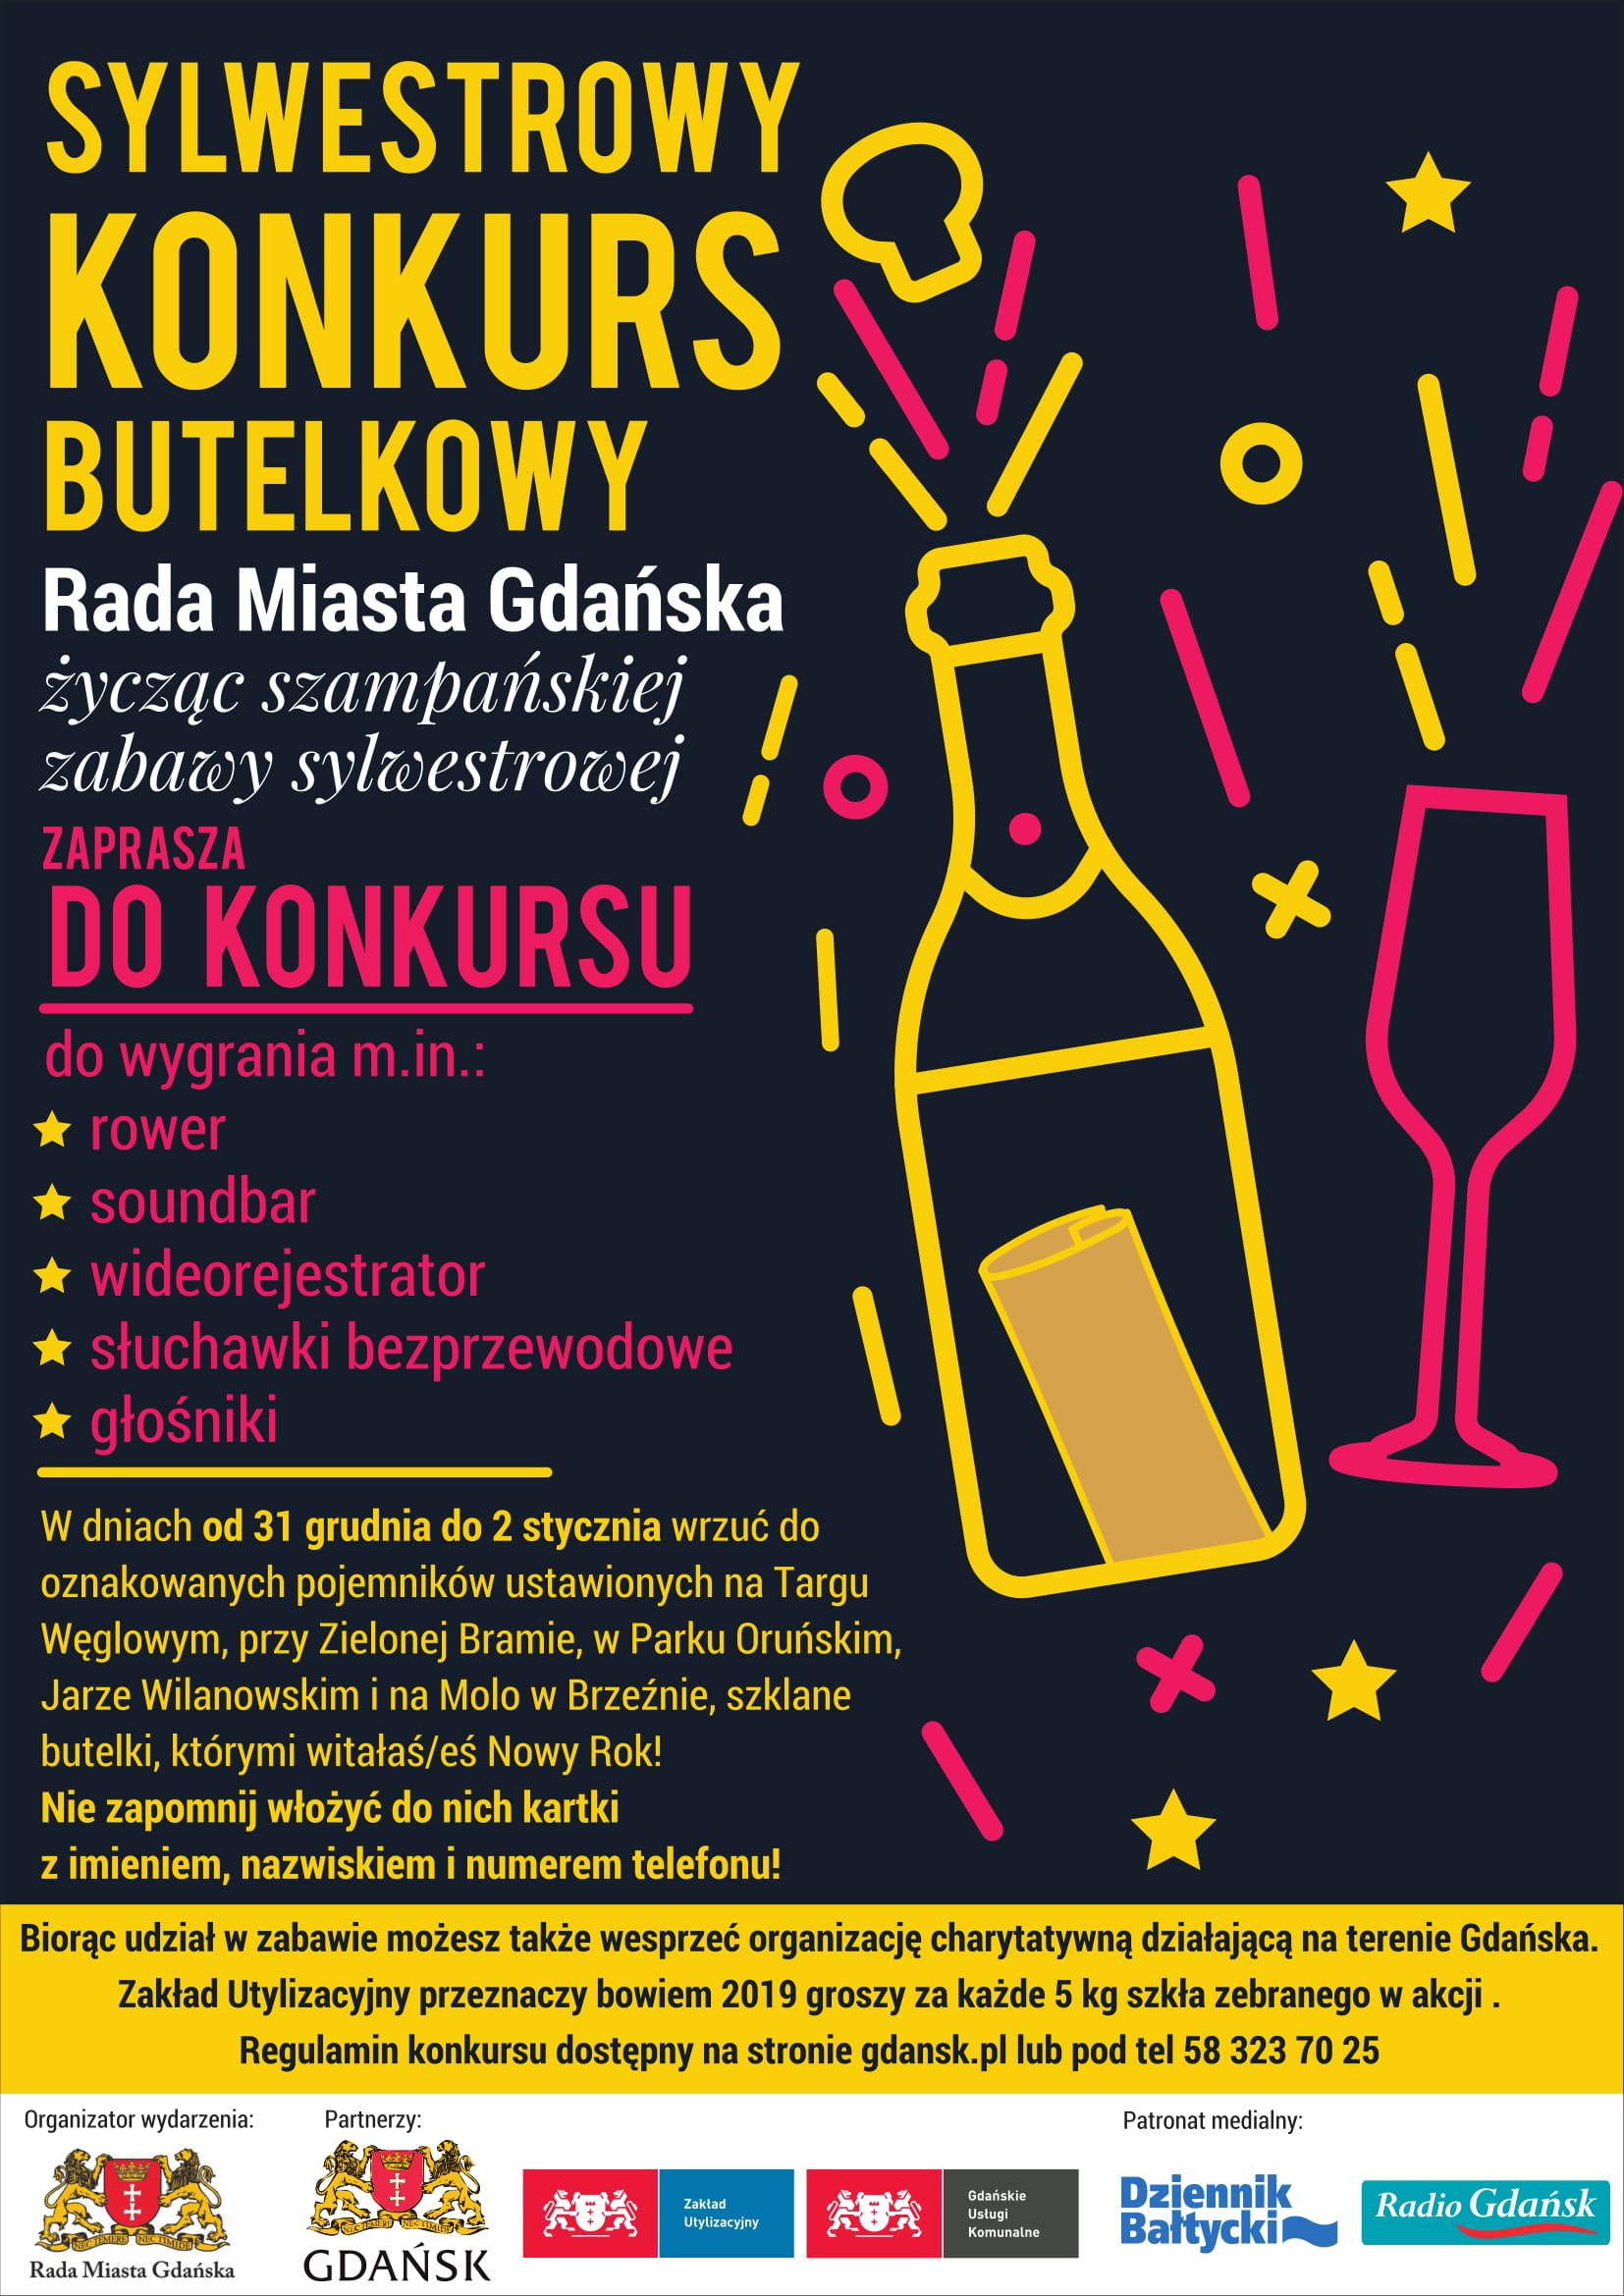 sylwestrowy konkurs butelkowy a3 plakat OK-1